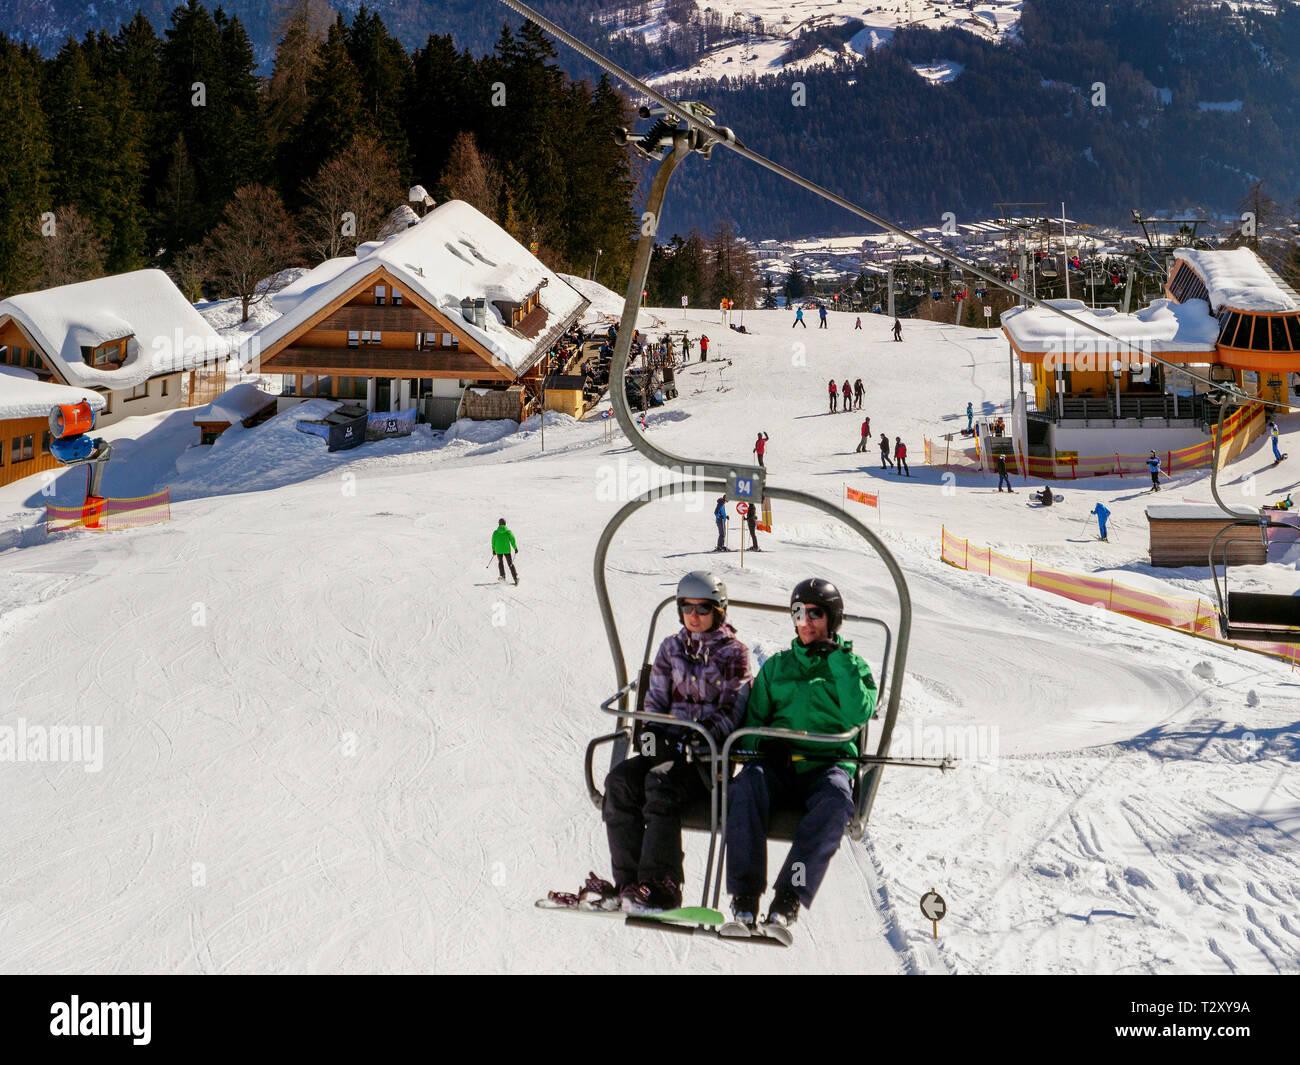 Skilift bei der Untermarkter Alm, Hochimst bei Imst, Tirol, Österreich, Europa Skilift at alp  Untermarkter Alm, skiing area Hochimst, Imst, Tyrol, Au - Stock Image